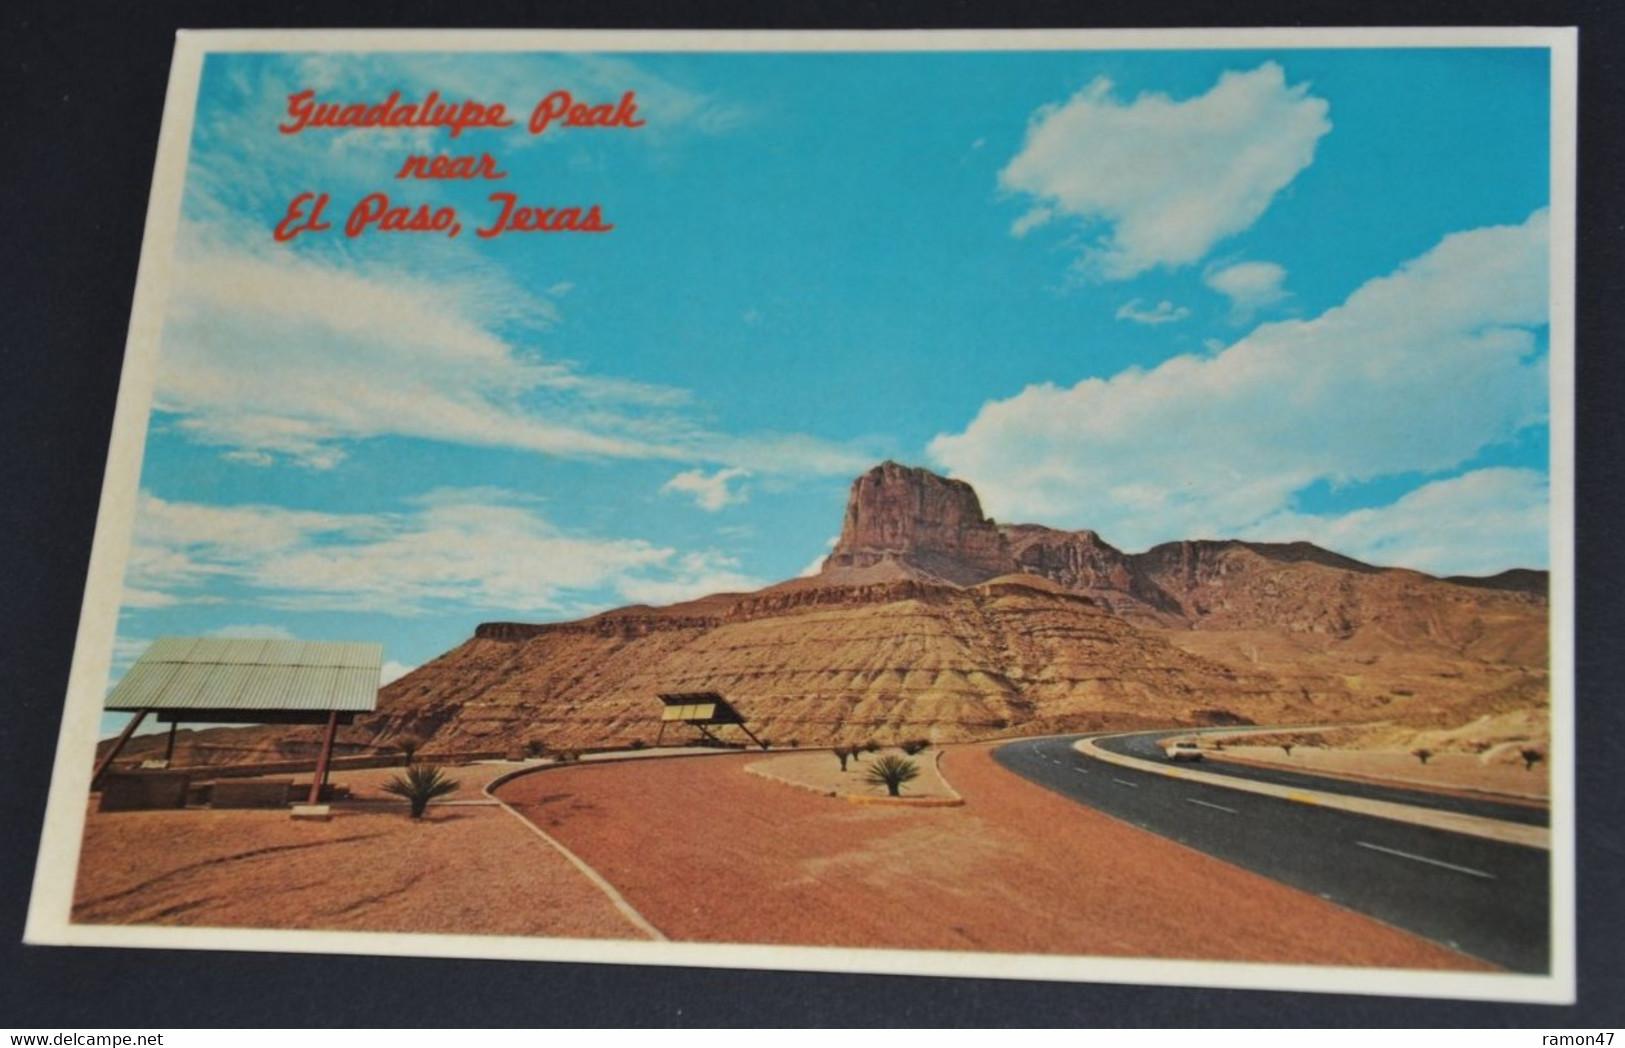 Guadalupe Peak Near El Paso, Texas - El Paso